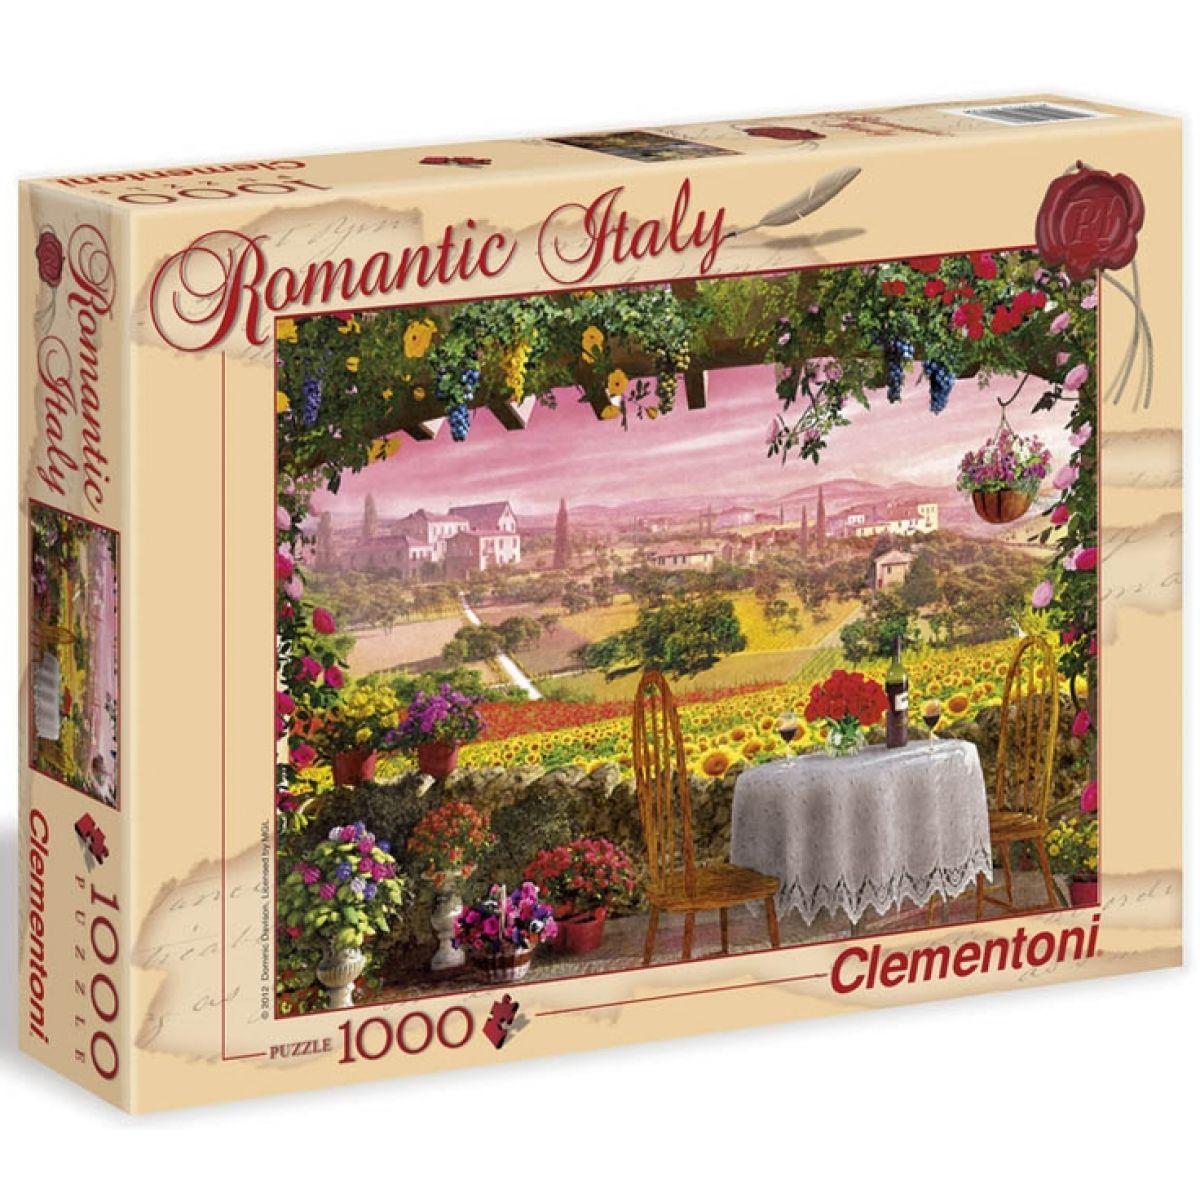 Clementoni Puzzle Romantic Toscana 1000d